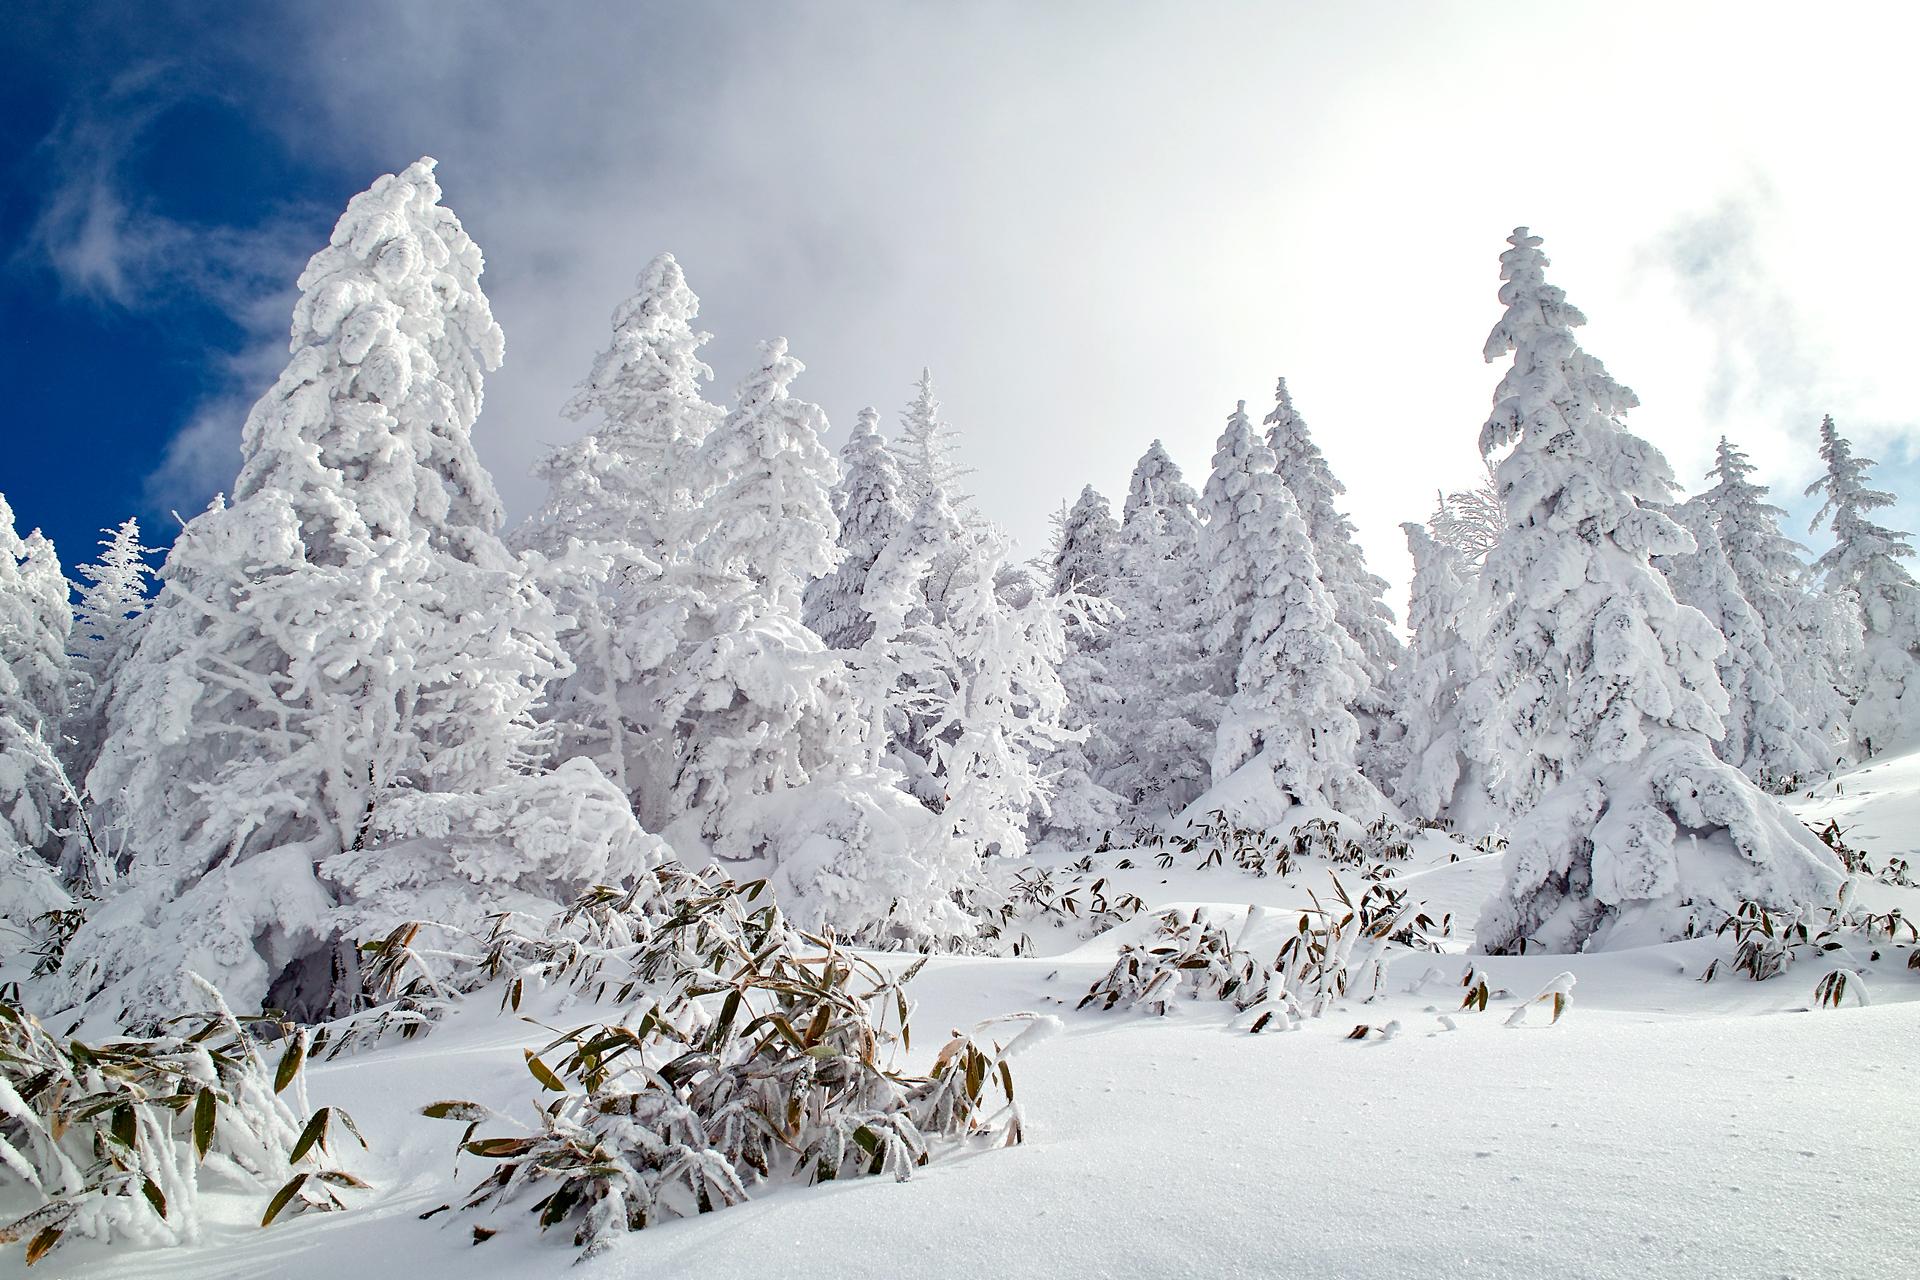 создать эксклюзивные фото зимнего леса в высоком качестве анимационные